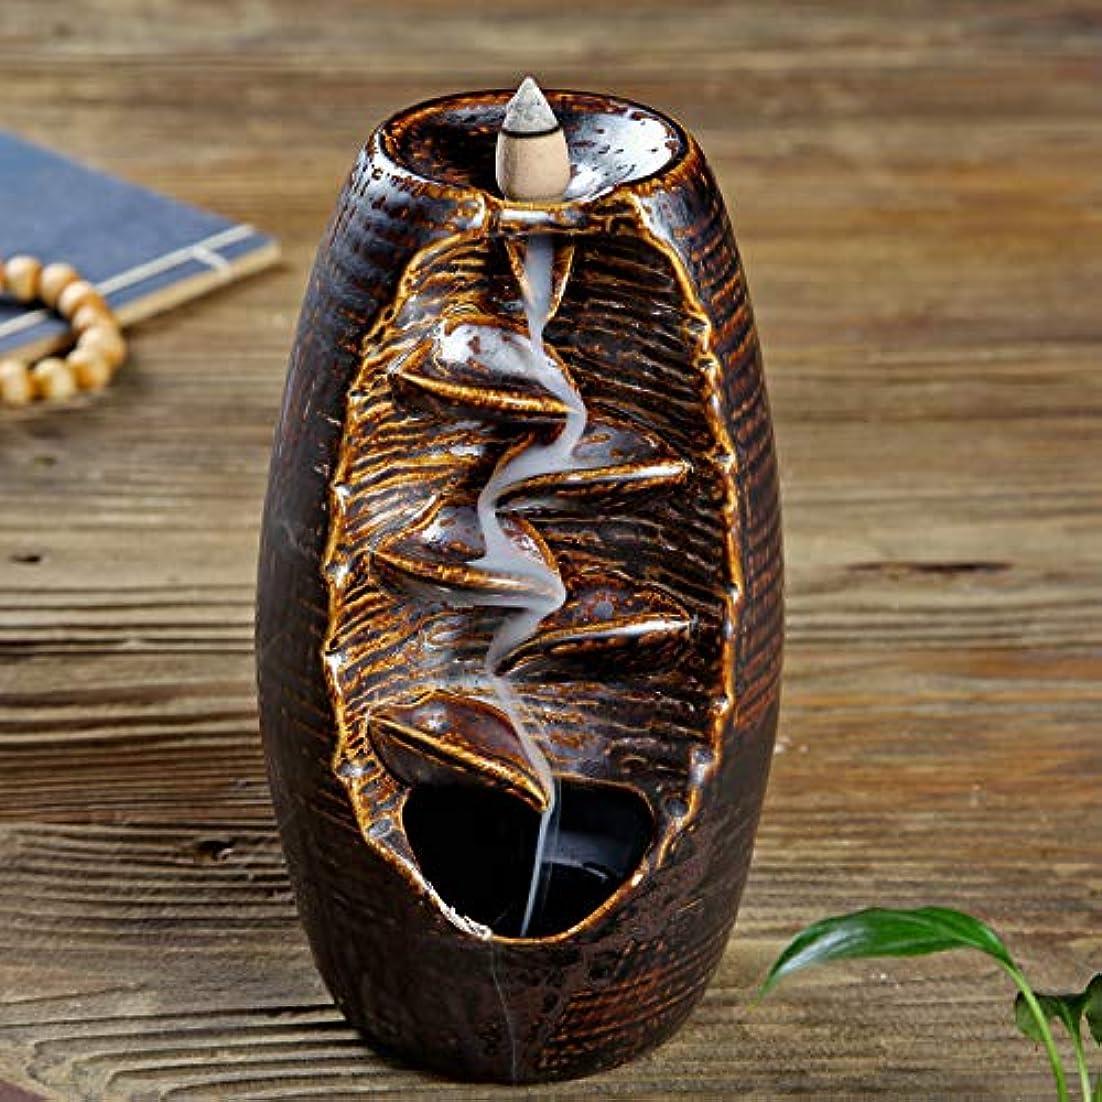 セラミック花瓶 スモークバック香炉 クリエイティブキルン 逆流アロマテラピー炉 家の装飾 ホームリビングルームの寝室のデスクトップの装飾